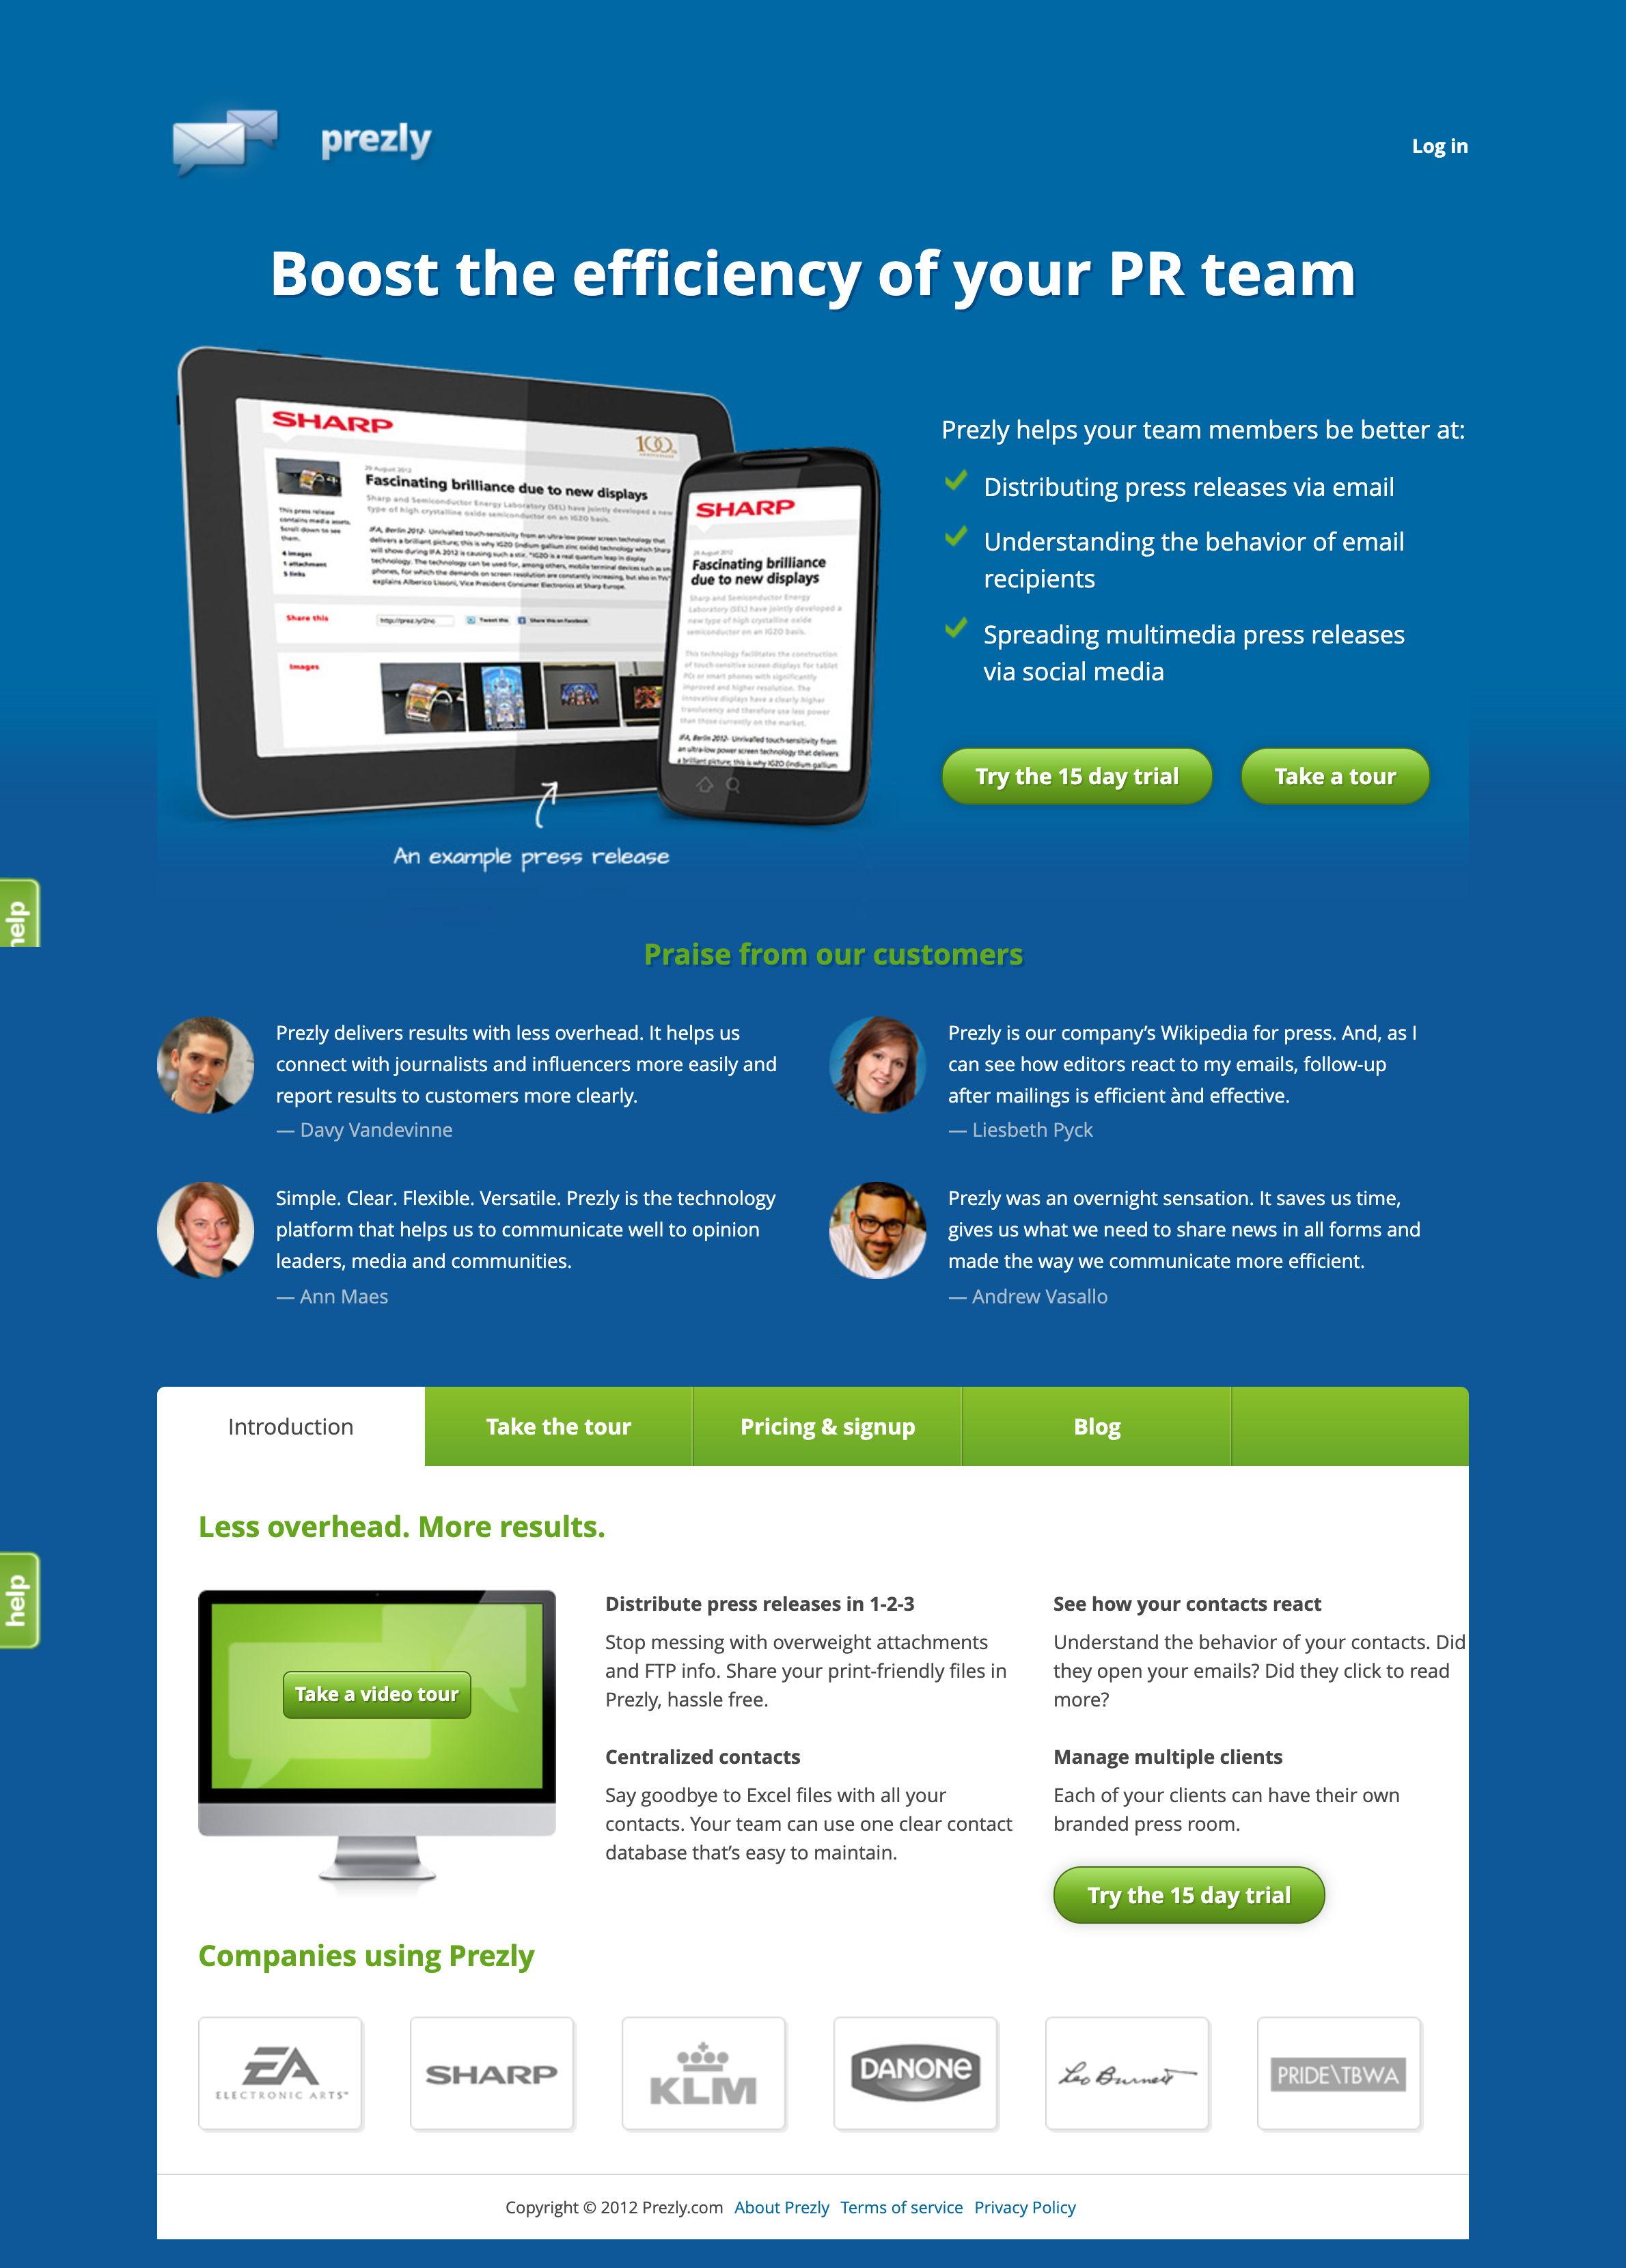 www.prezly.com - 2012